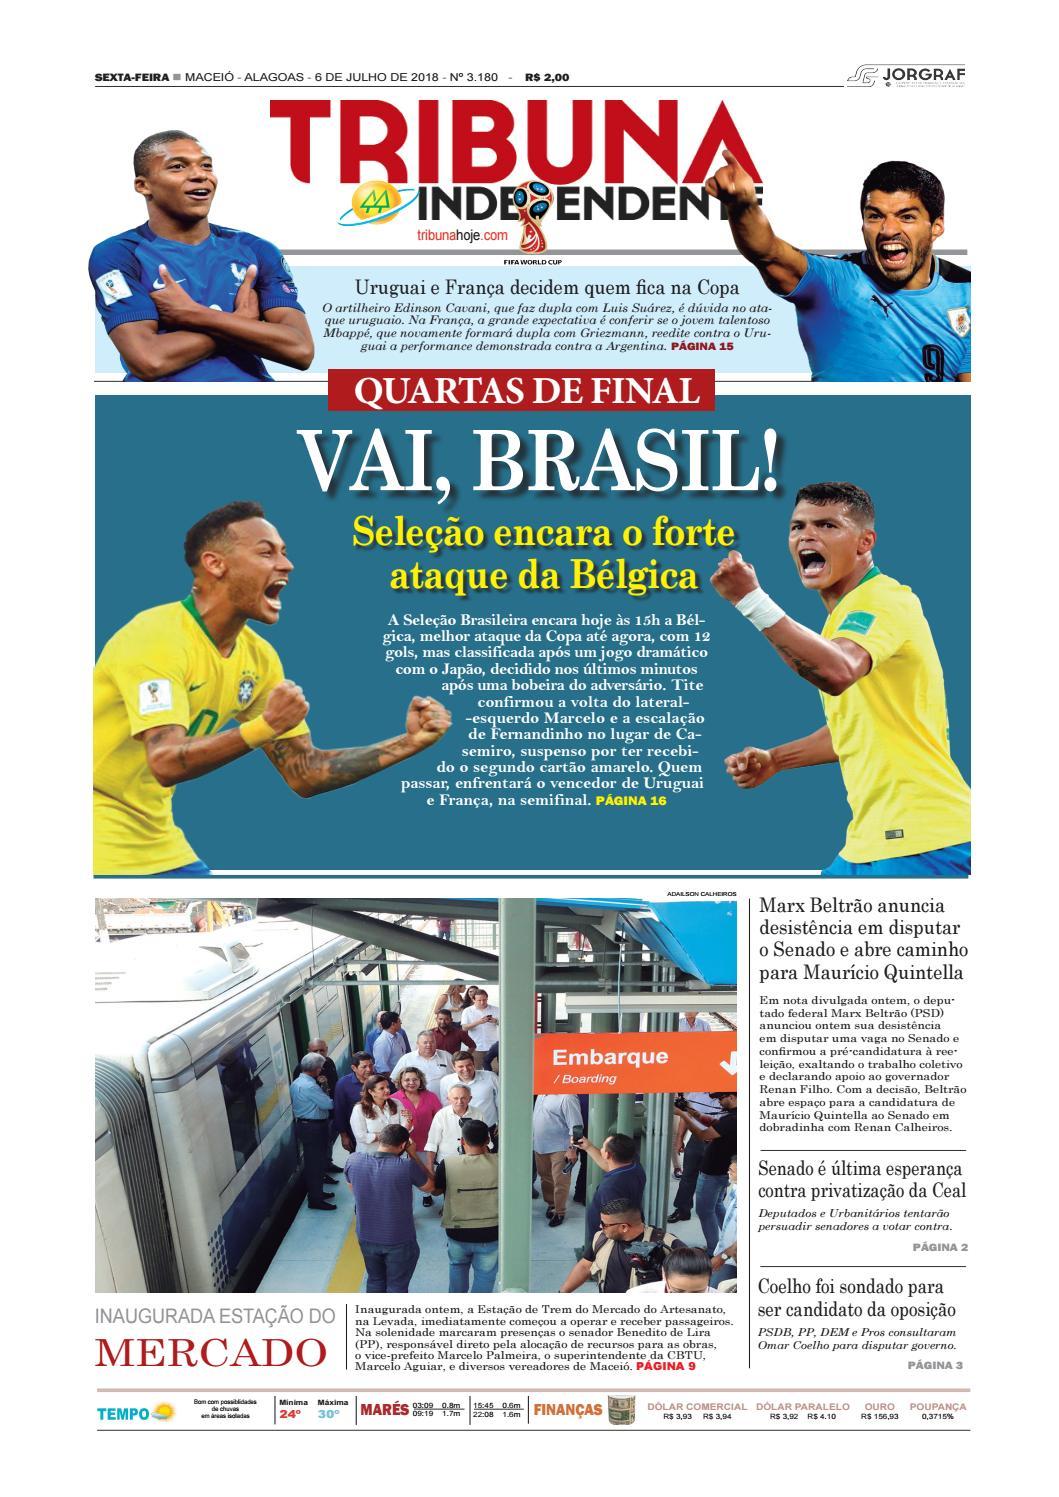 ff82a301c3b Edição número 3180 - 6 de julho de 2018 by Tribuna Hoje - issuu